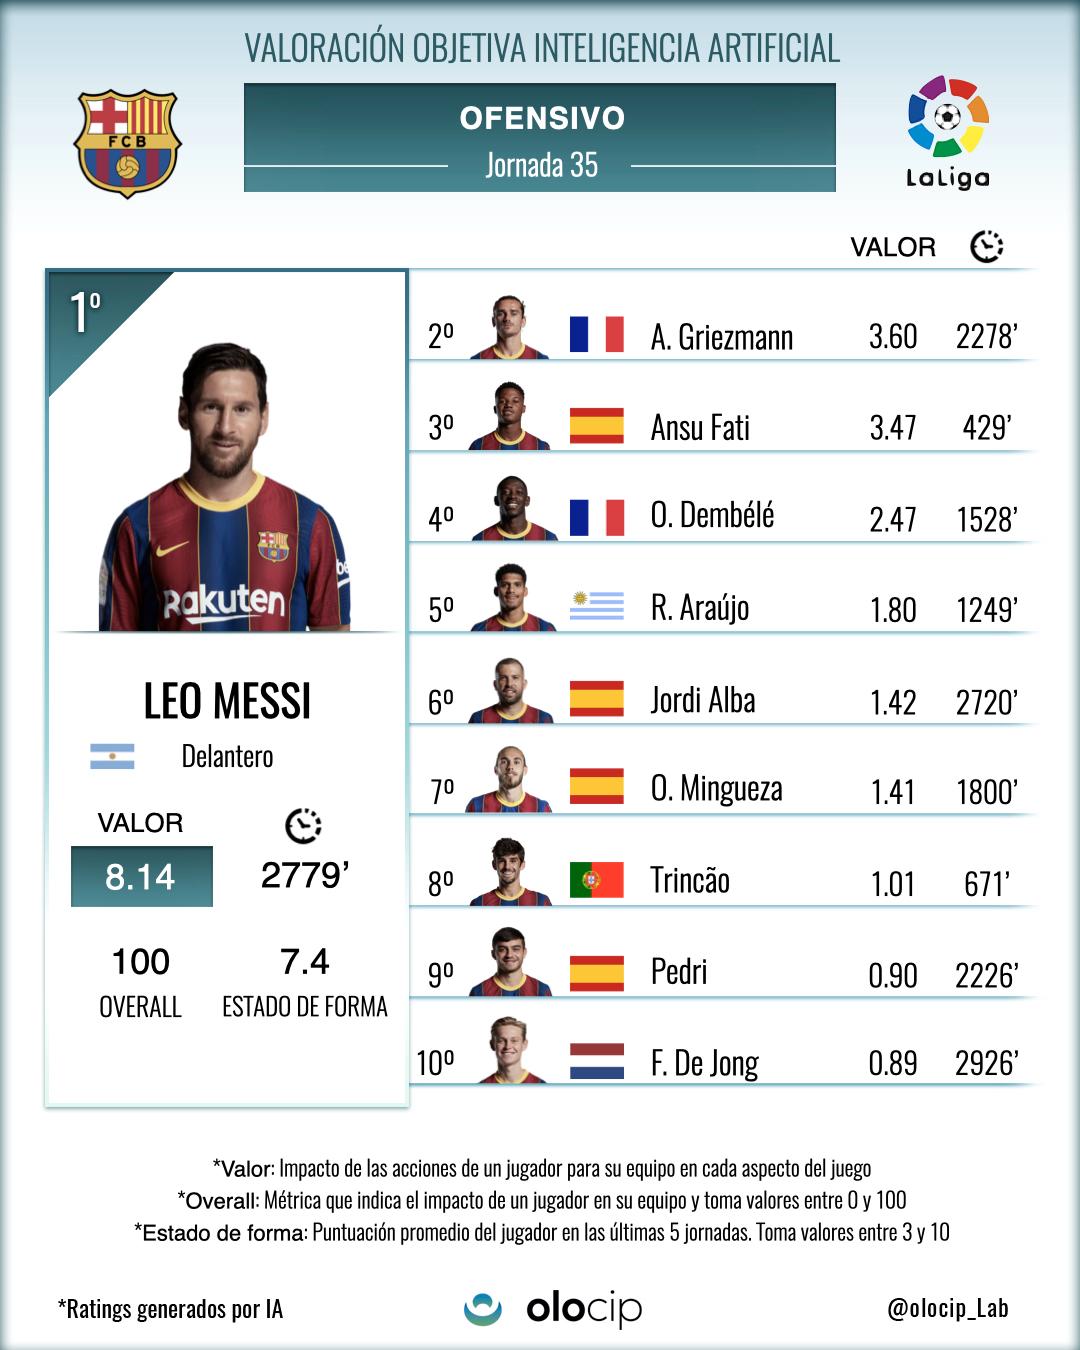 *Top 10 de jugadores del FCB que más valor han aportado a su equipo con acciones ofensivas